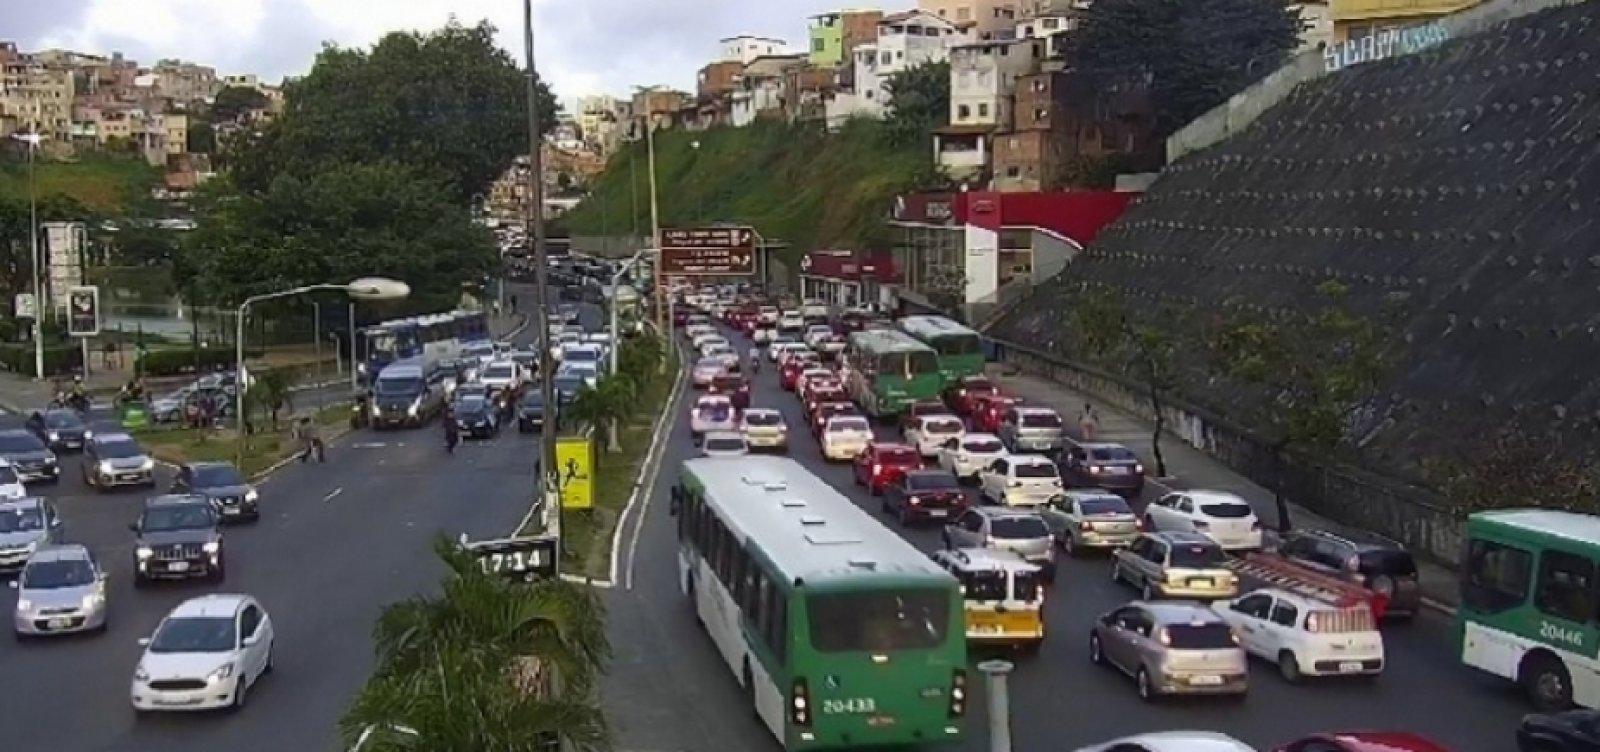 Árvore cai no Dique do Tororó e pista fica parcialmente interditada